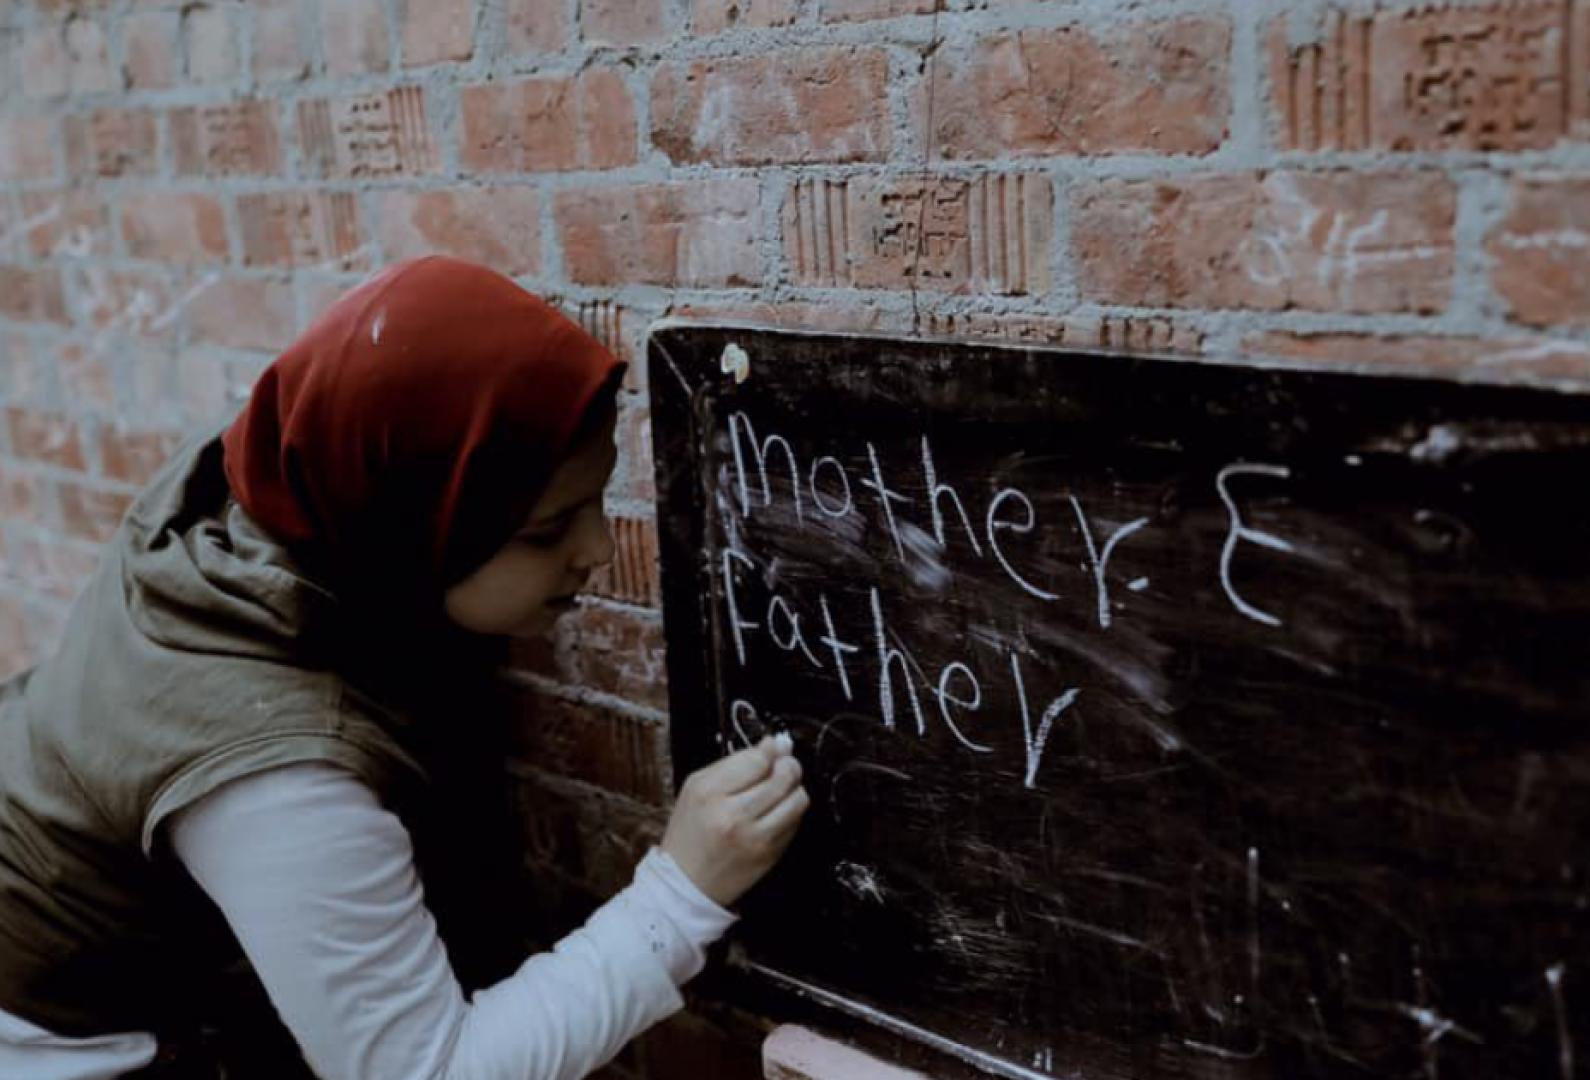 «اسمها ريم».. ما سر الفتاة المصرية التي تحدثت عن صورتها مسؤولة بريطانية؟